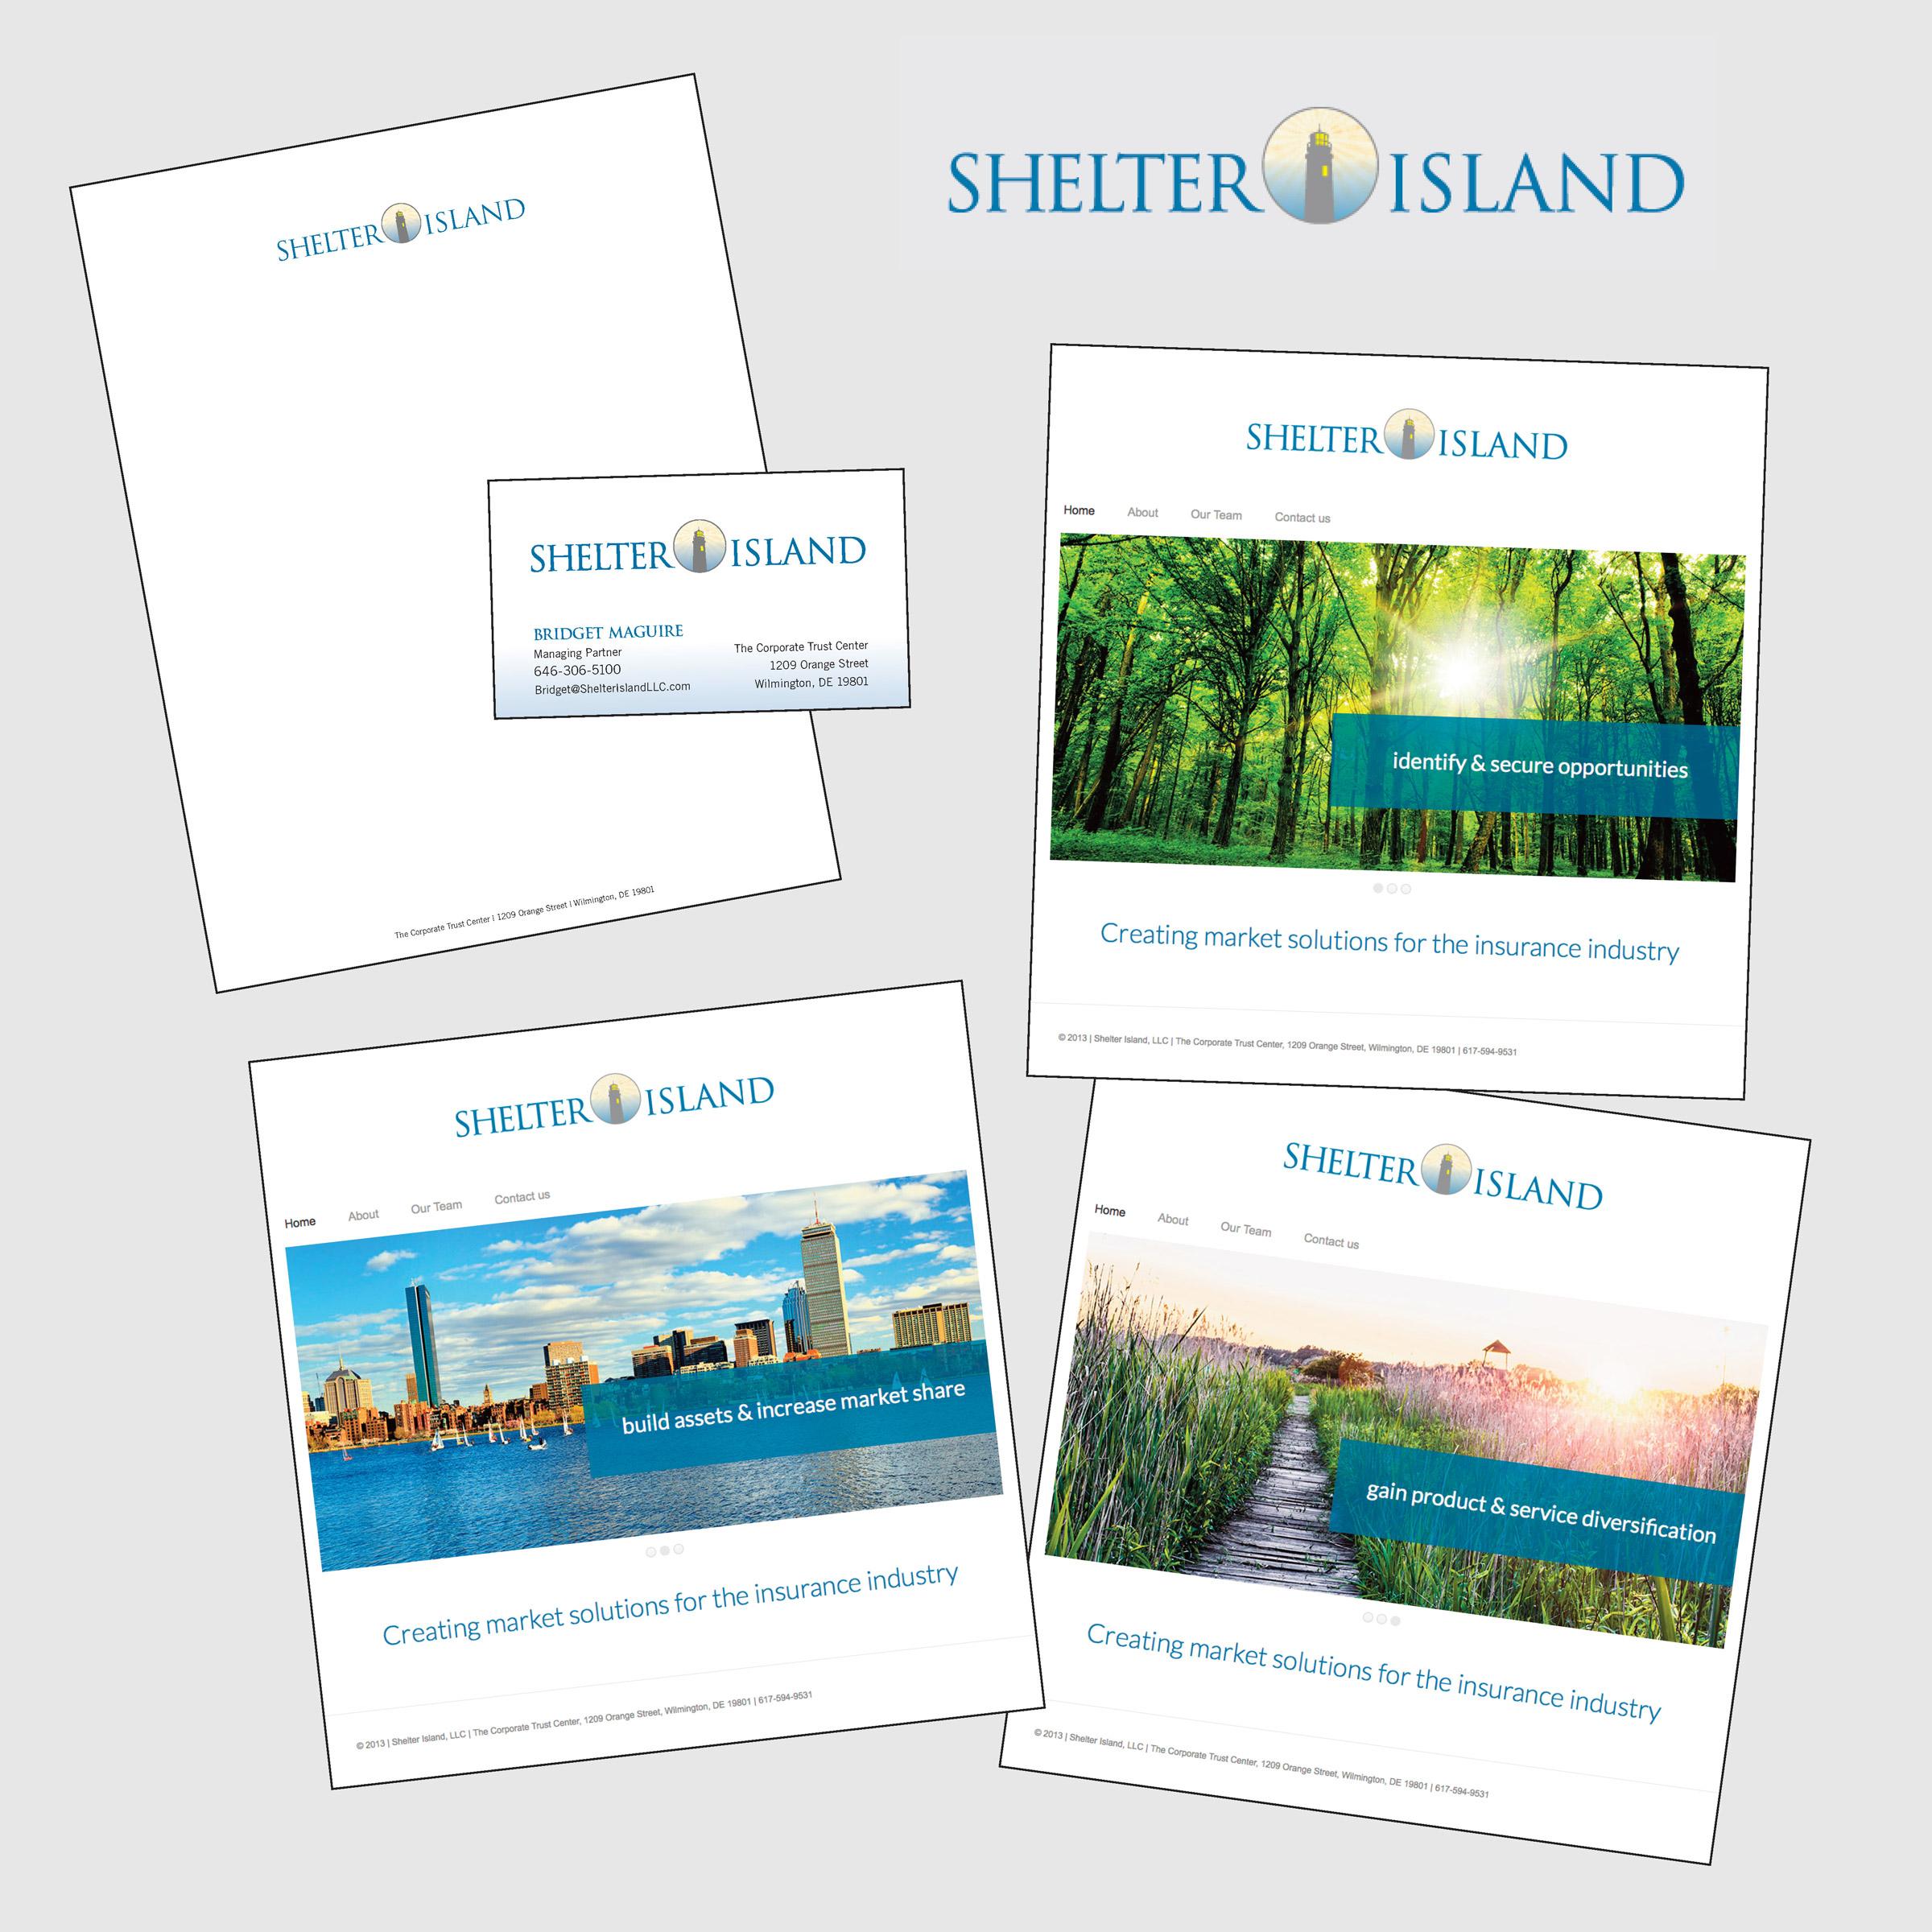 ShelterIsland-site-LindaRusso